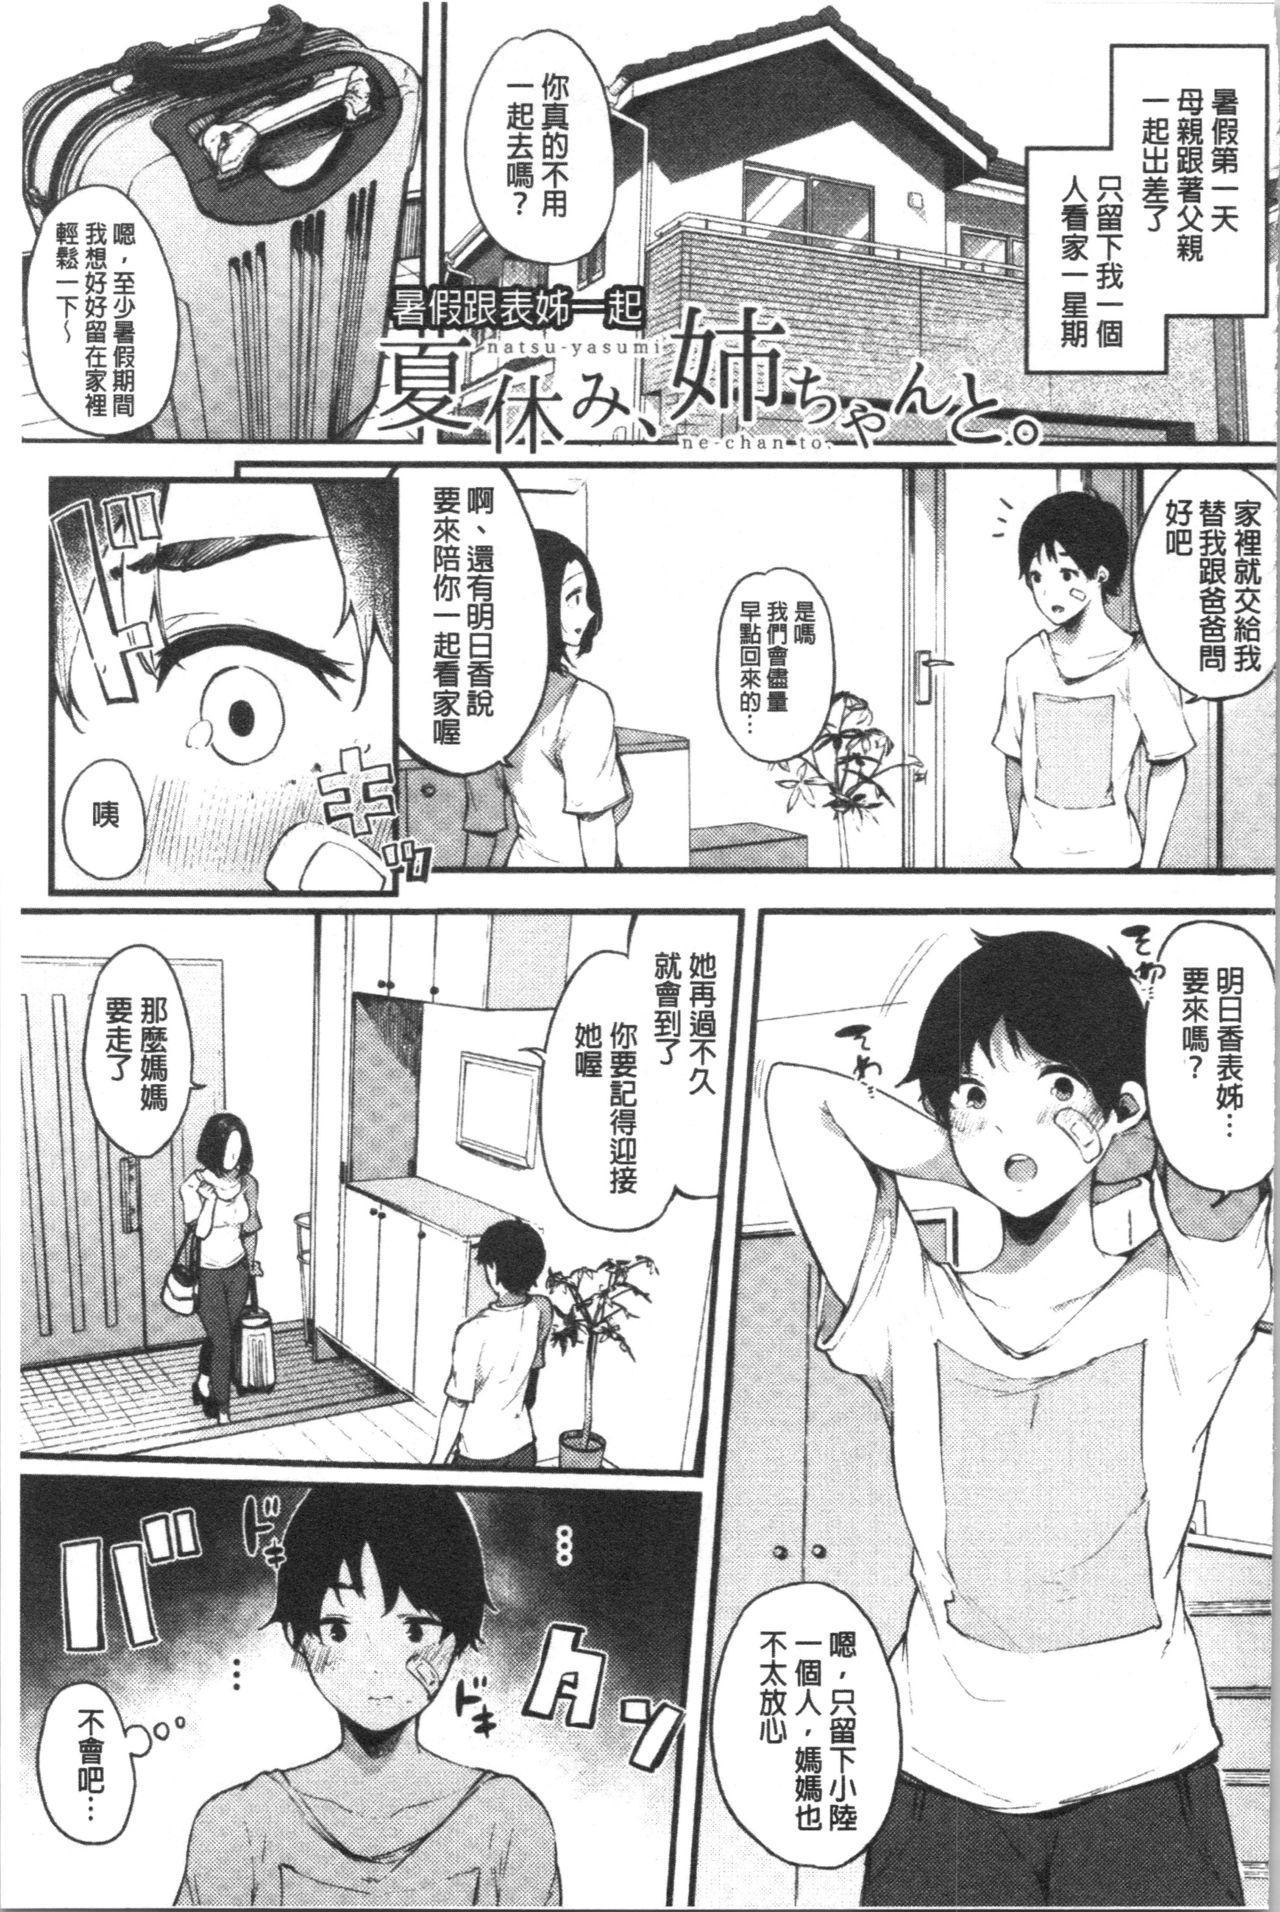 Hametomo Onna Tomodachi ga SeFri-ka shita Hi | 性愛砲友 女友們都變砲友化的日子 156